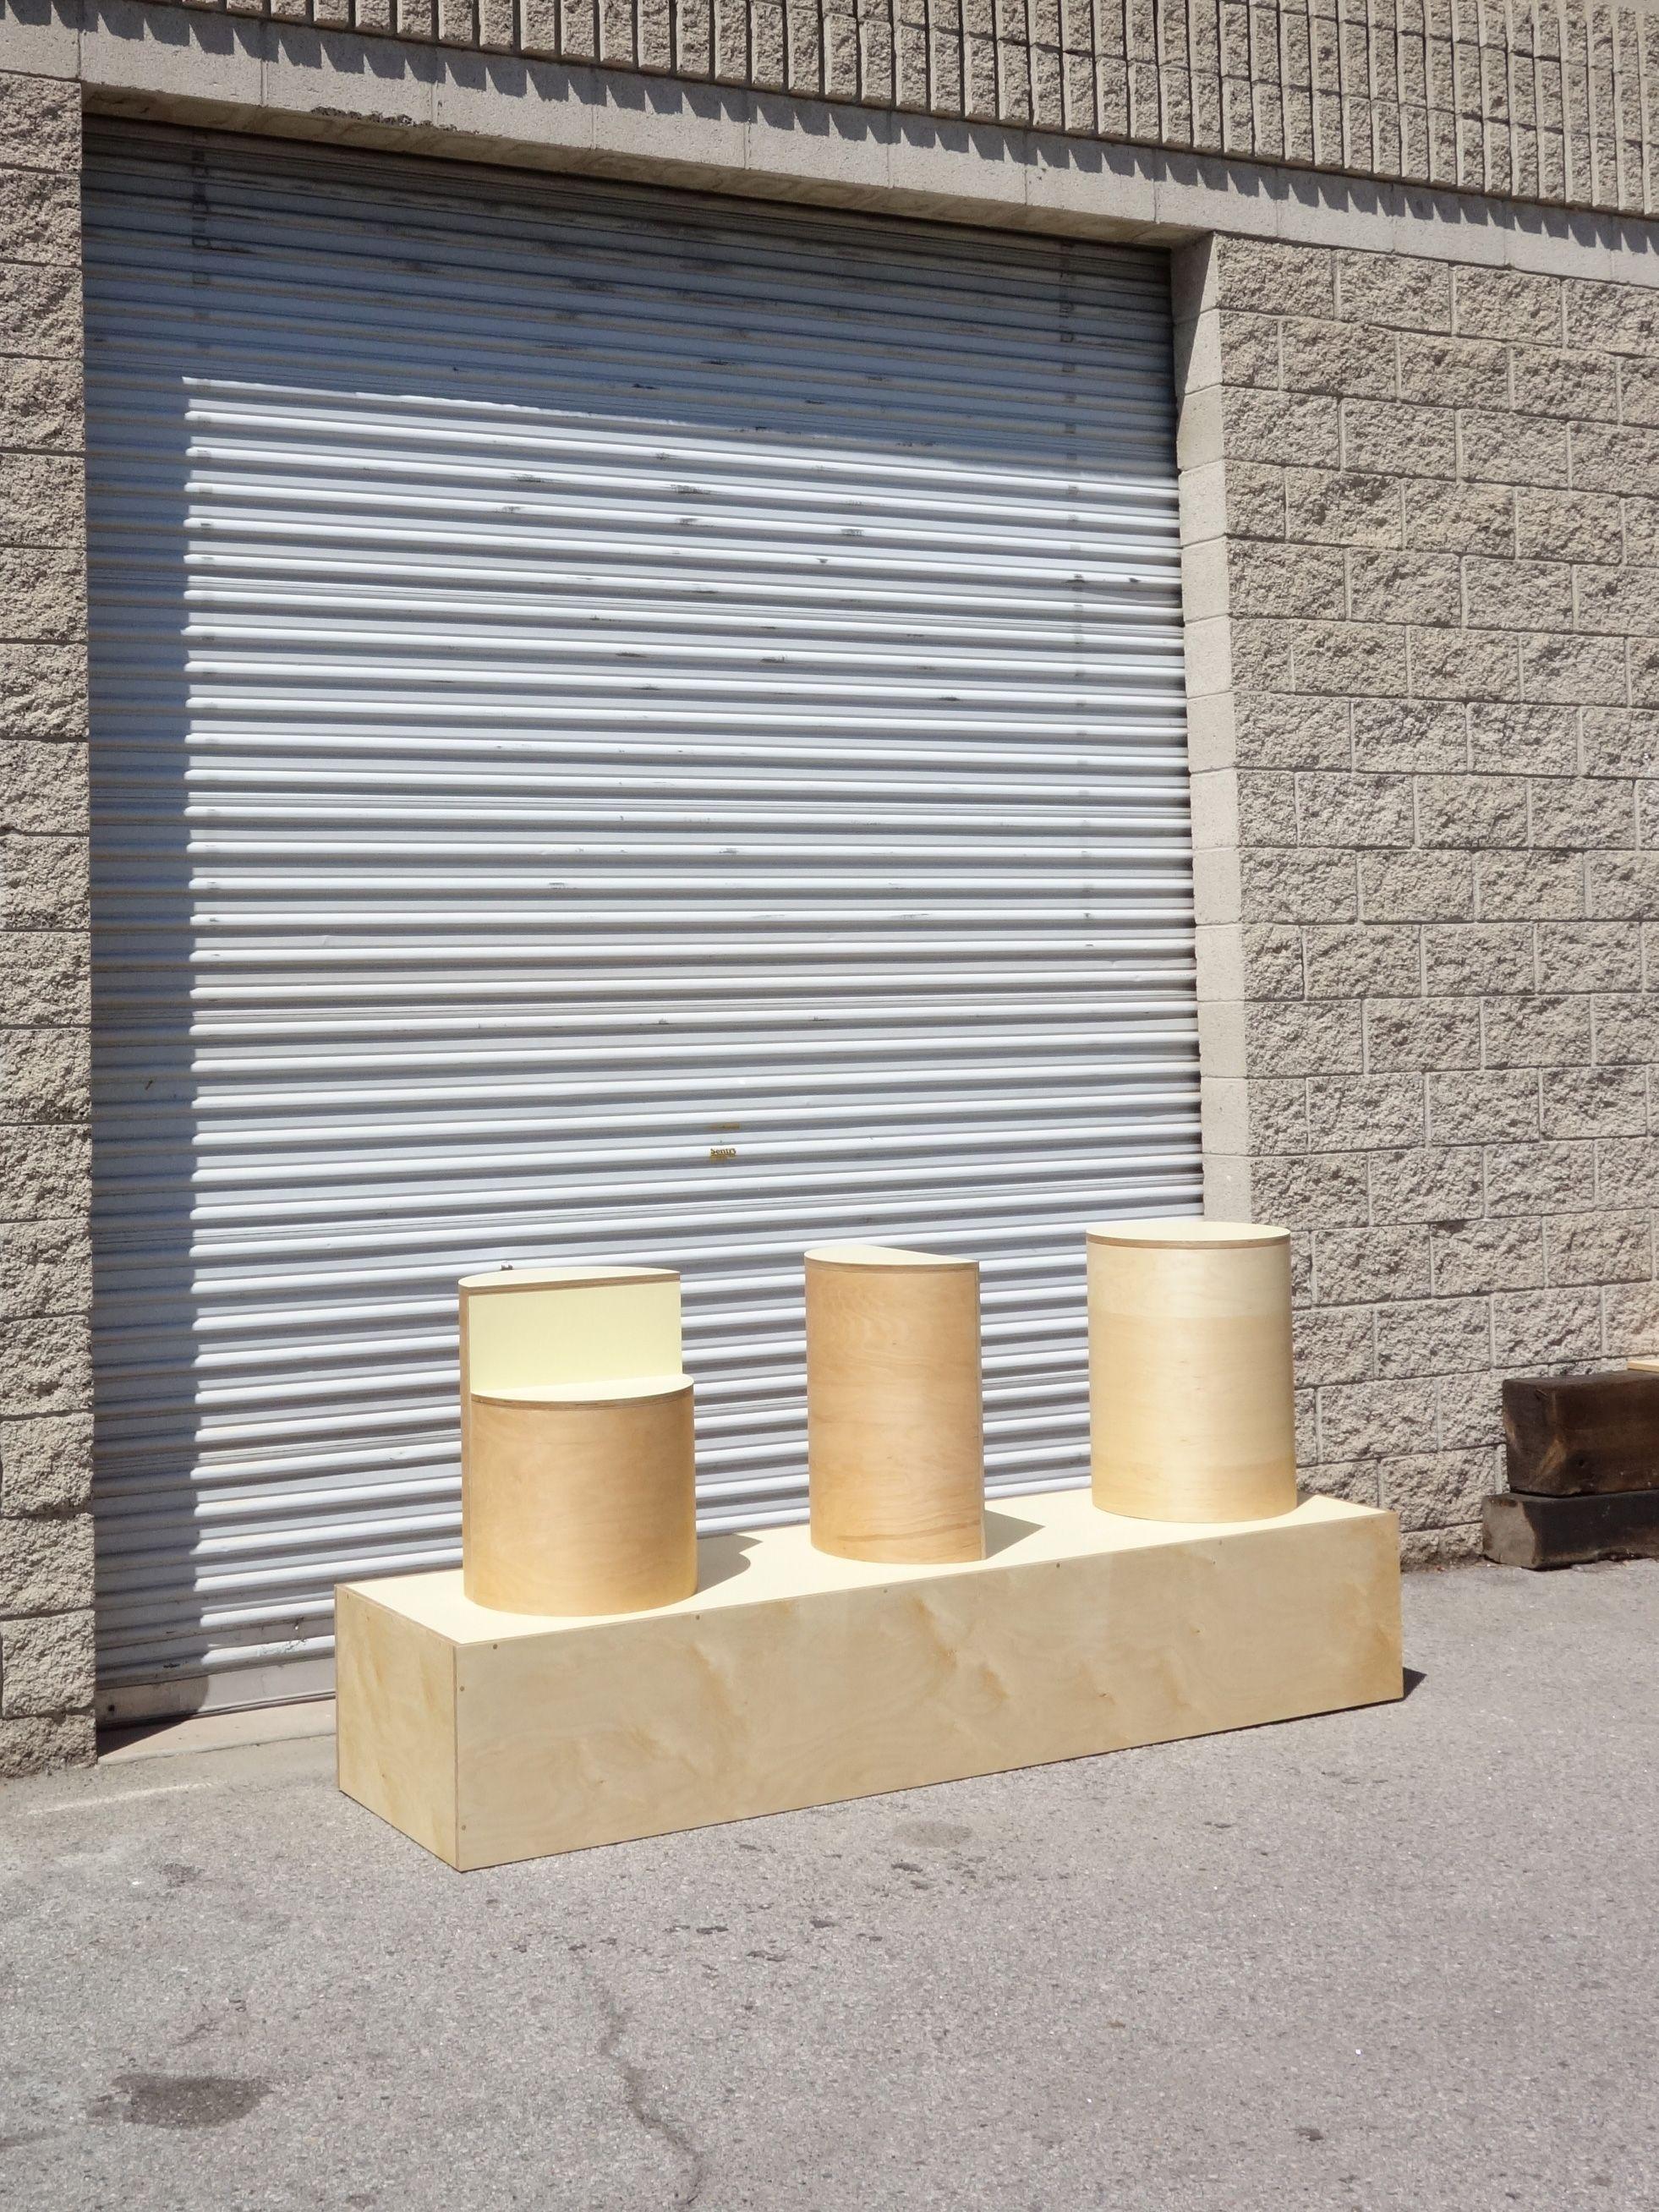 Rebag Madison, NY product image 1